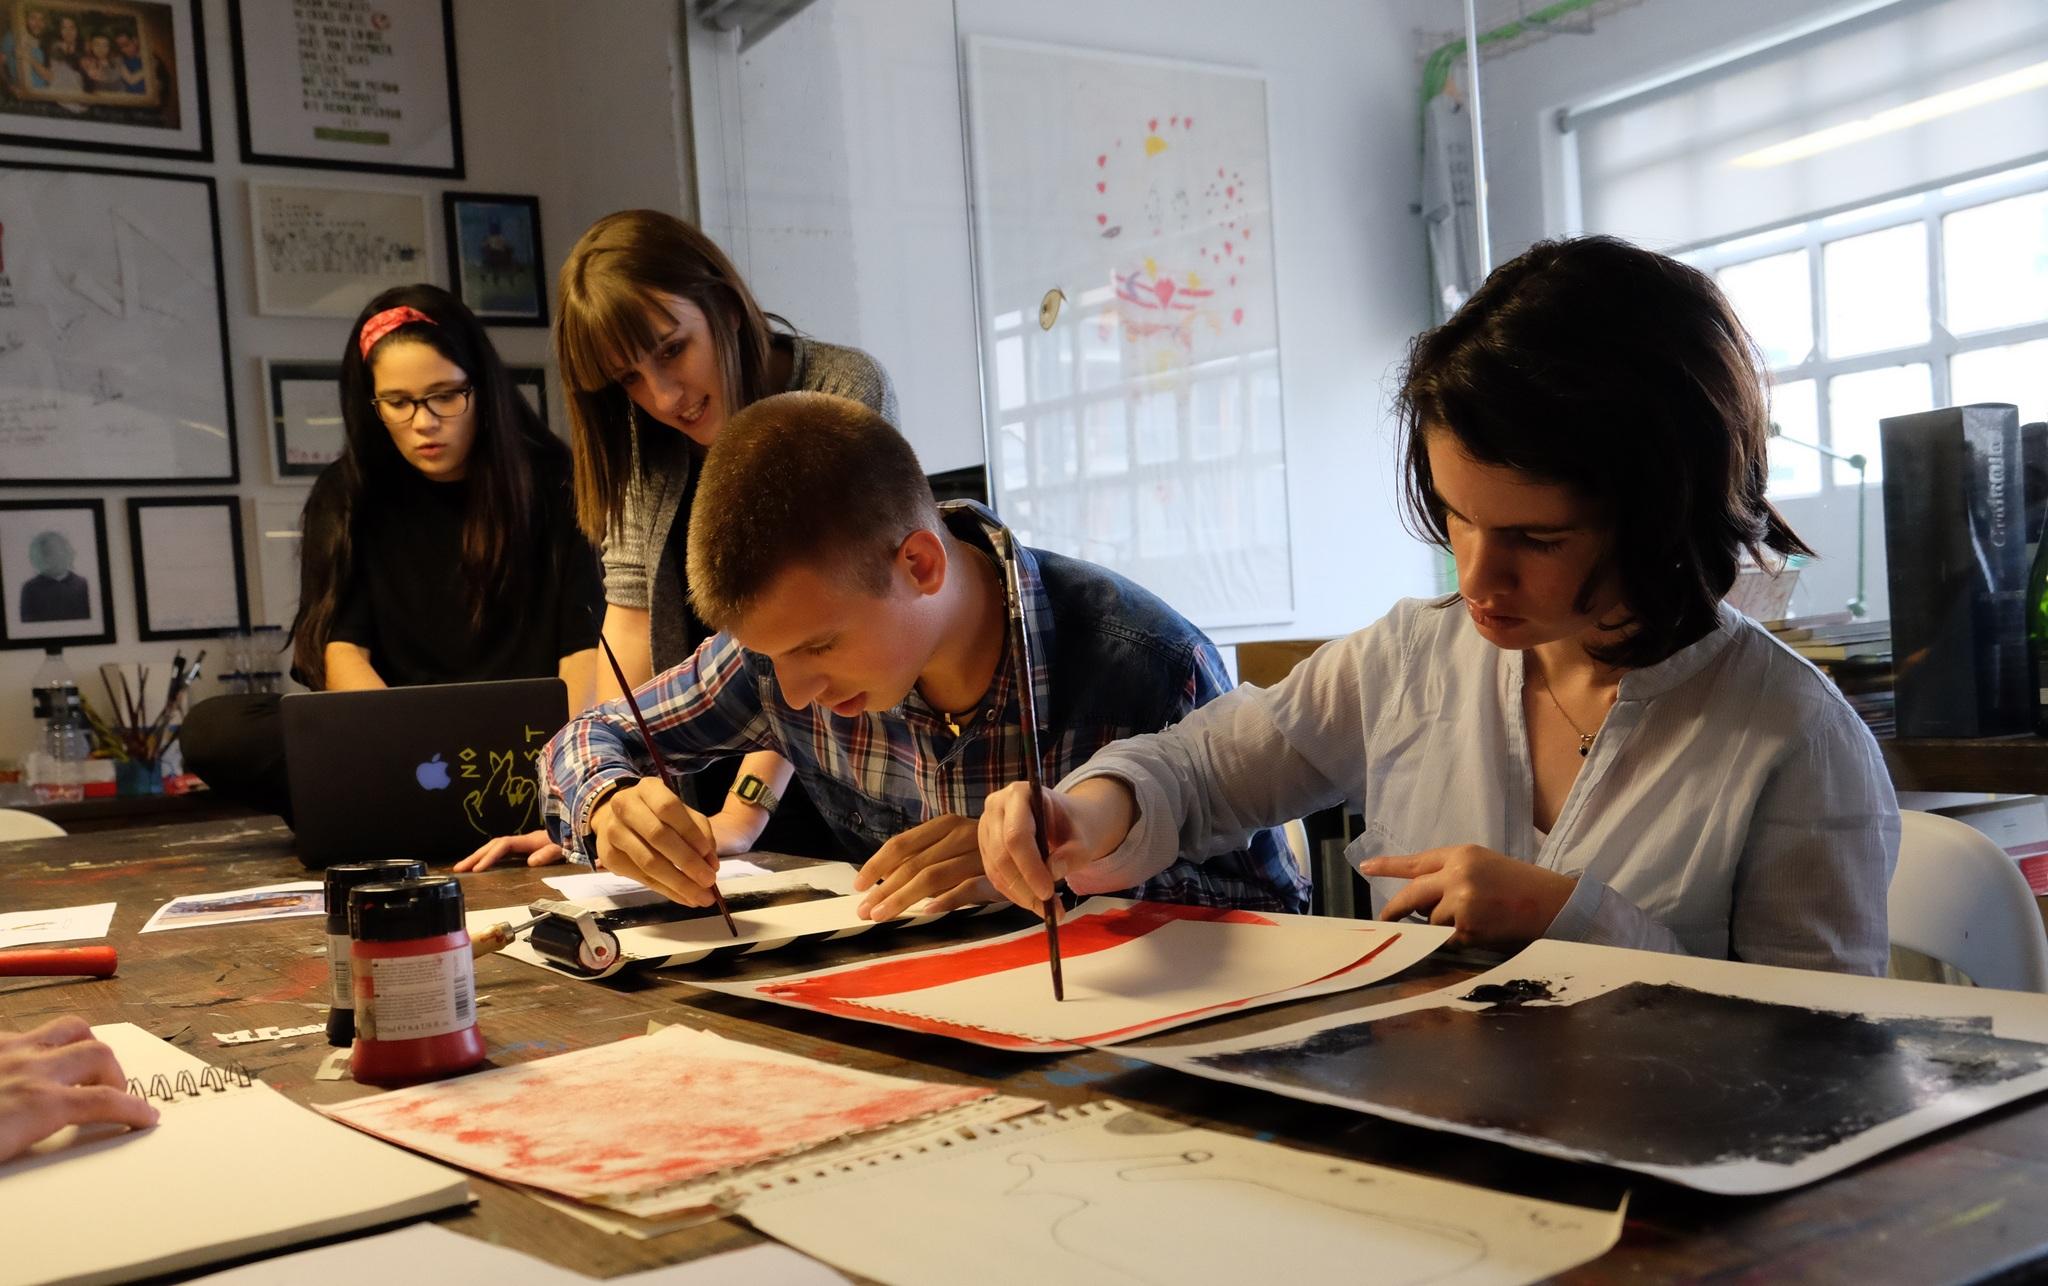 Parte del equipo del estudio de diseño trabajando en sus proyectos.